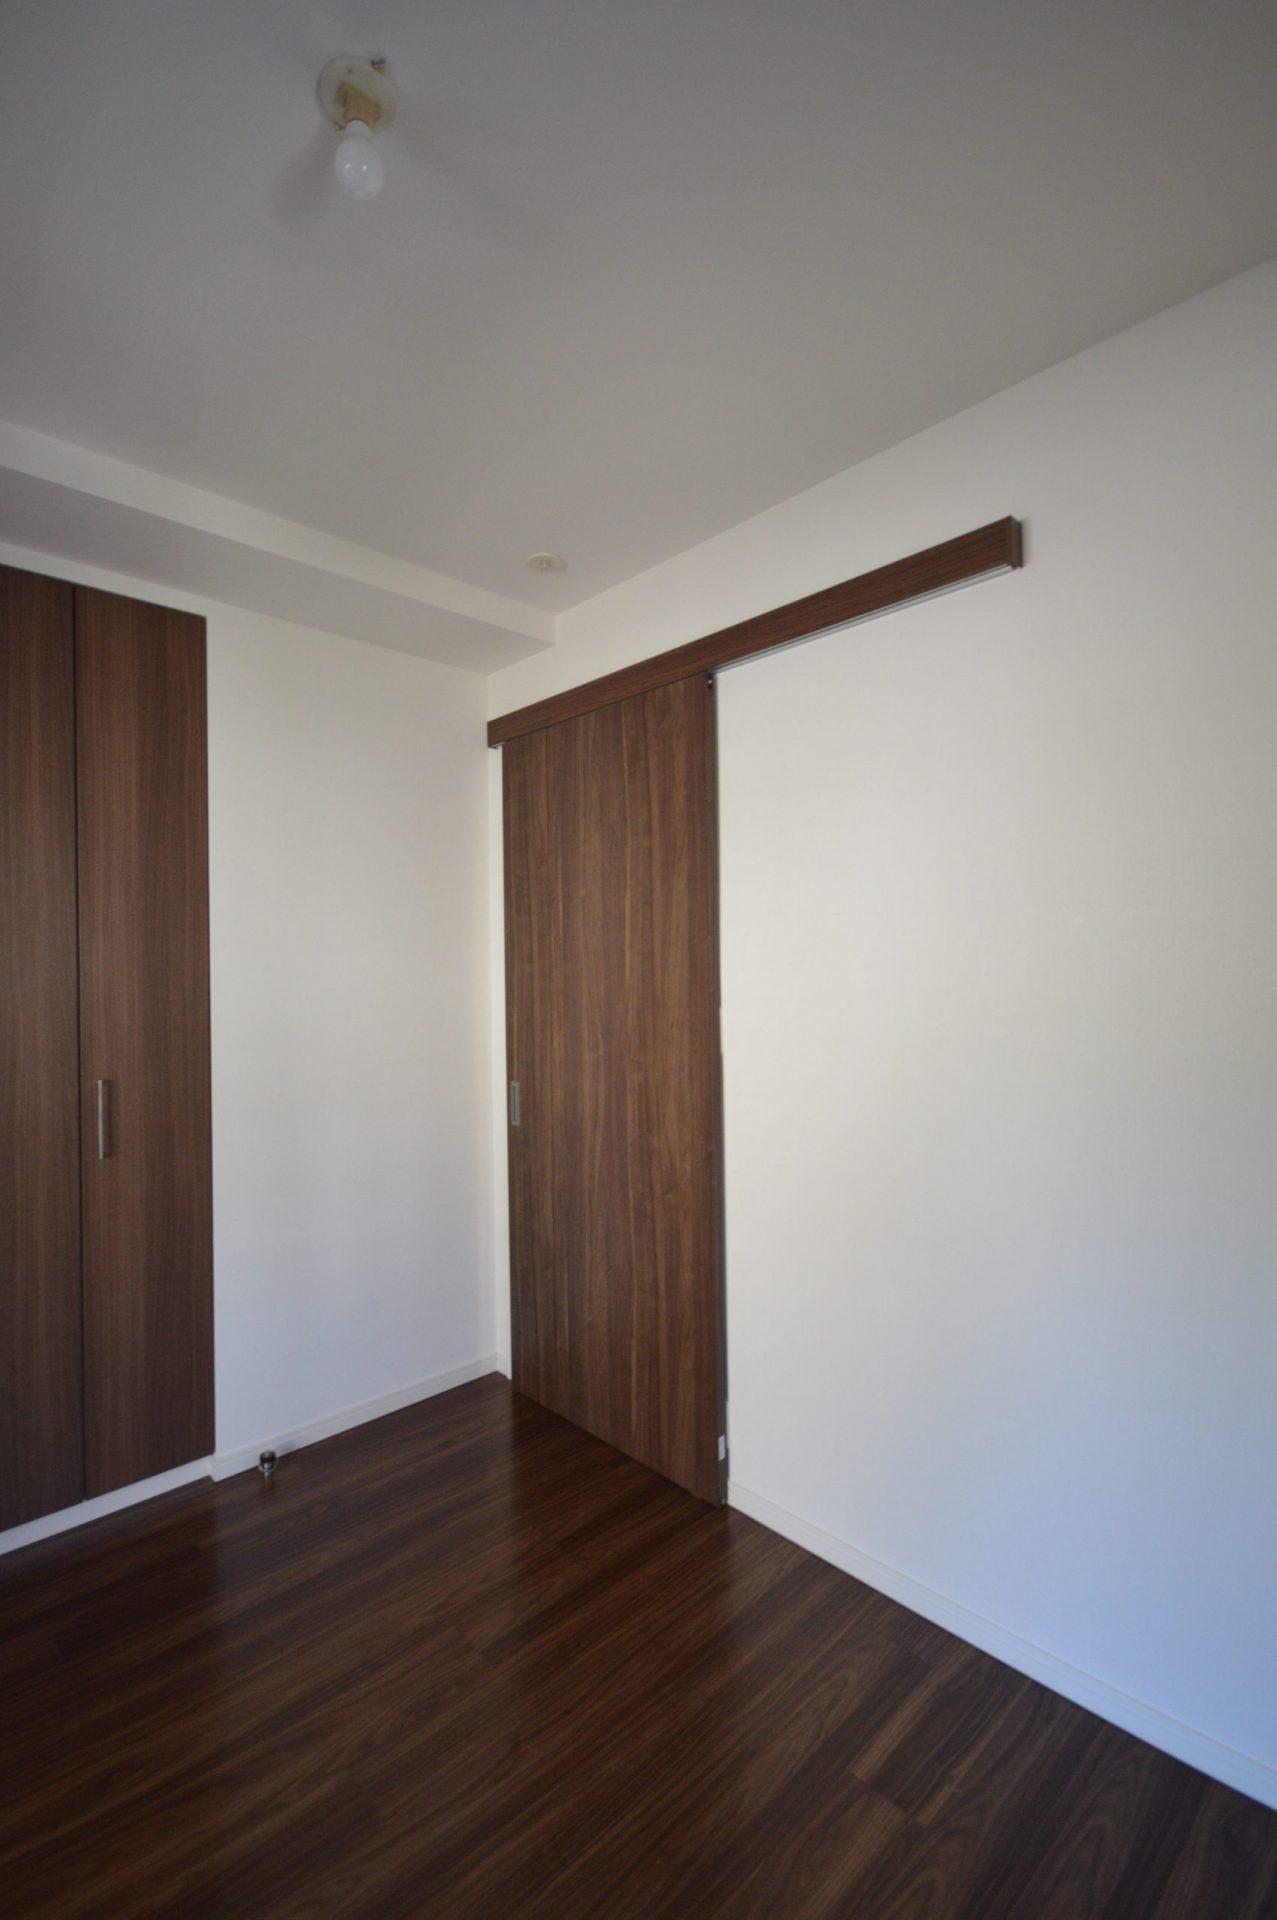 寝室ドア・引き戸(close) After